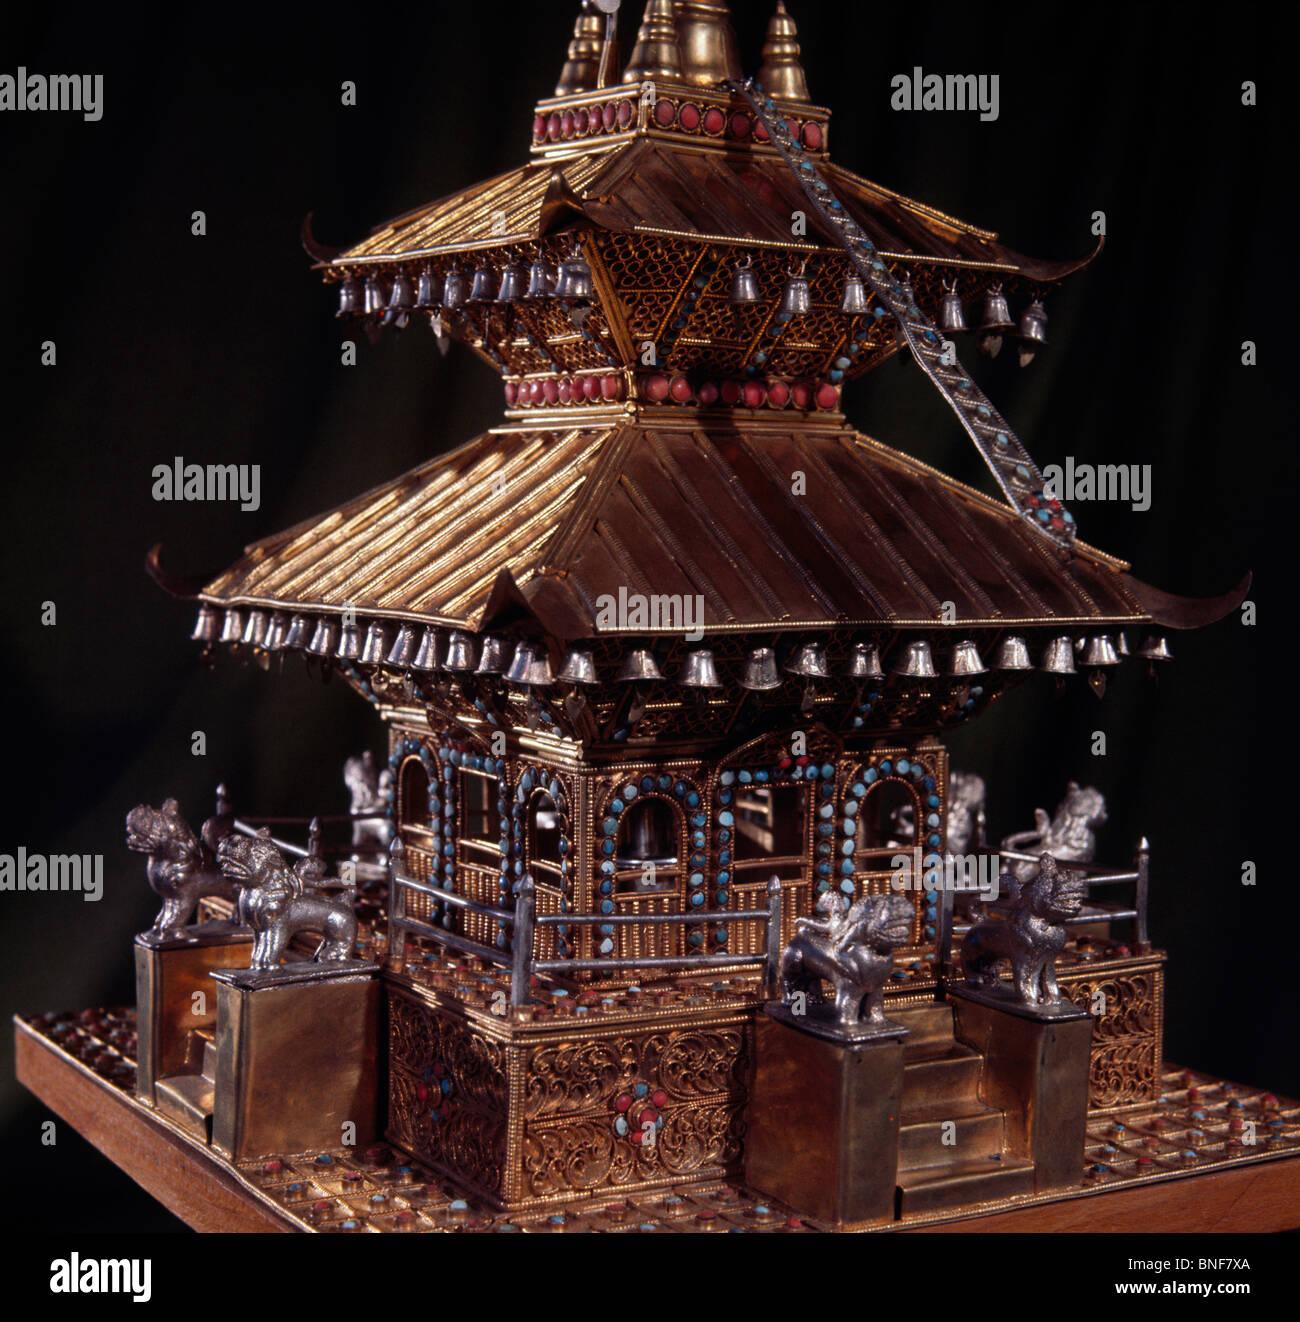 Tempio in miniatura (dettaglio) Antiques-Decorative Arts Eisenhower Museum, Abilene Immagini Stock